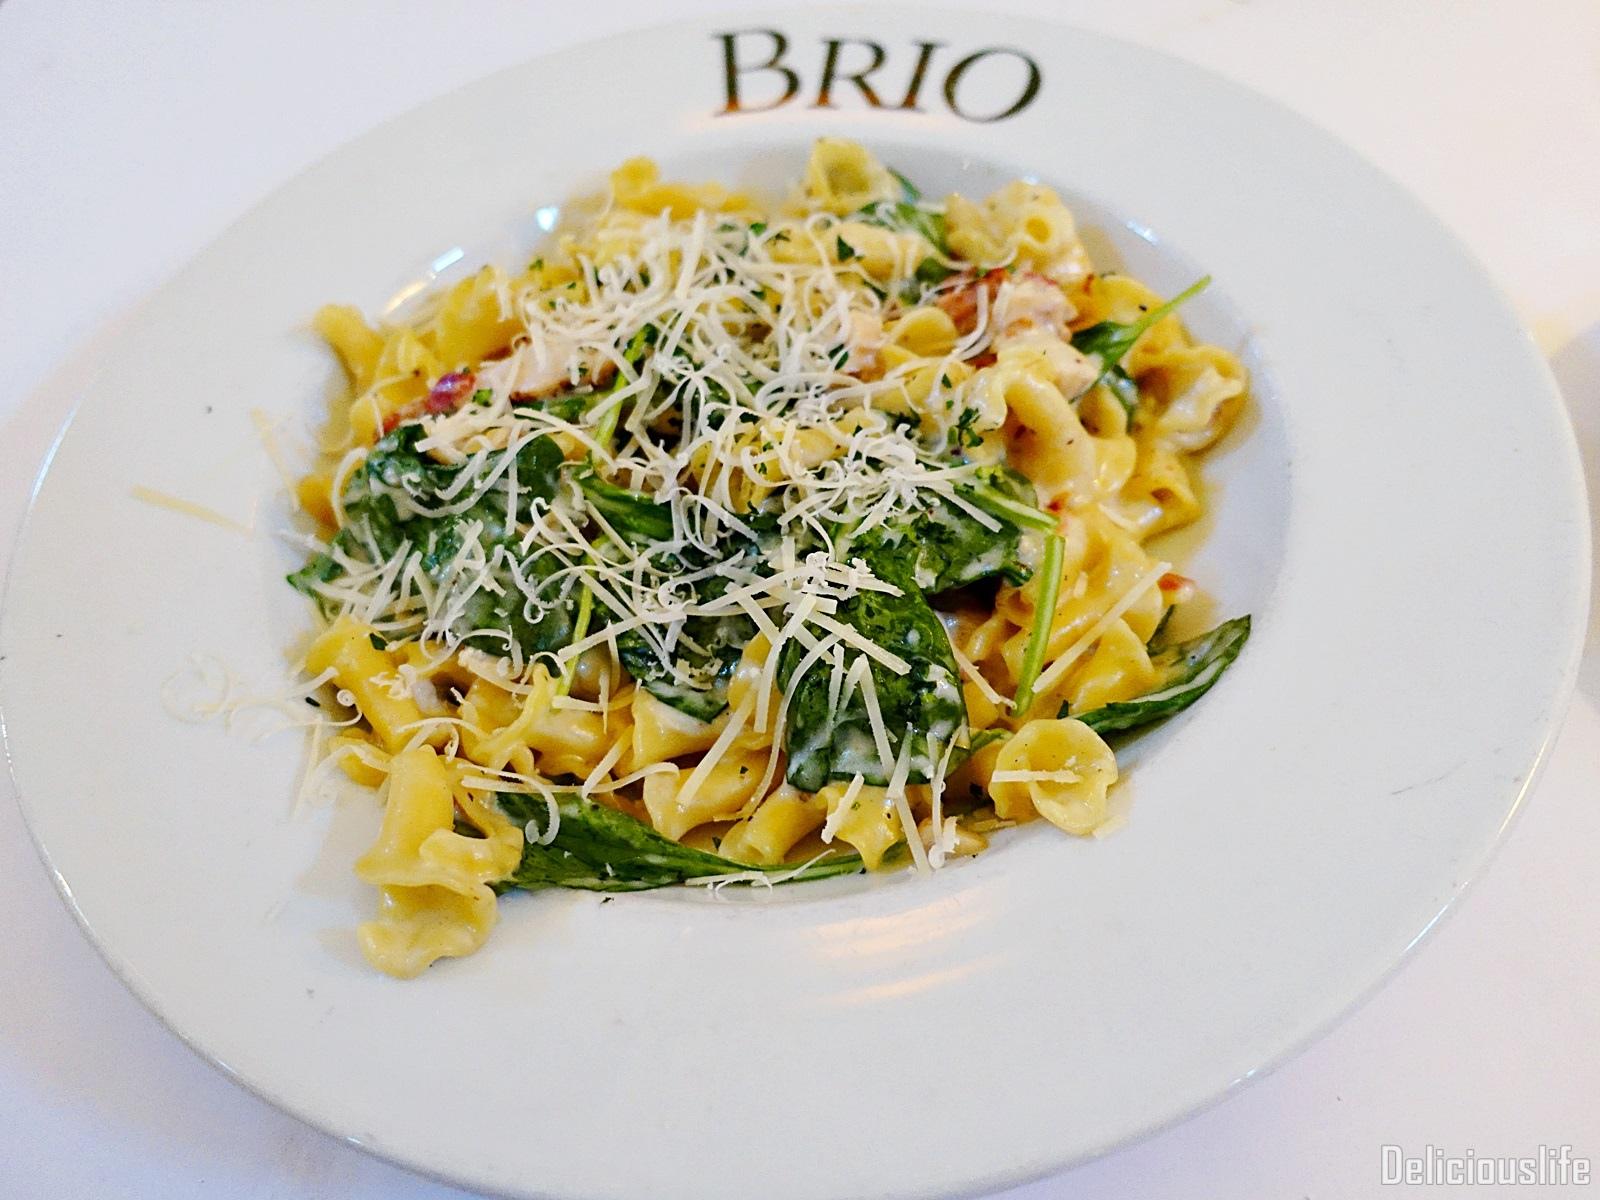 Brio-10